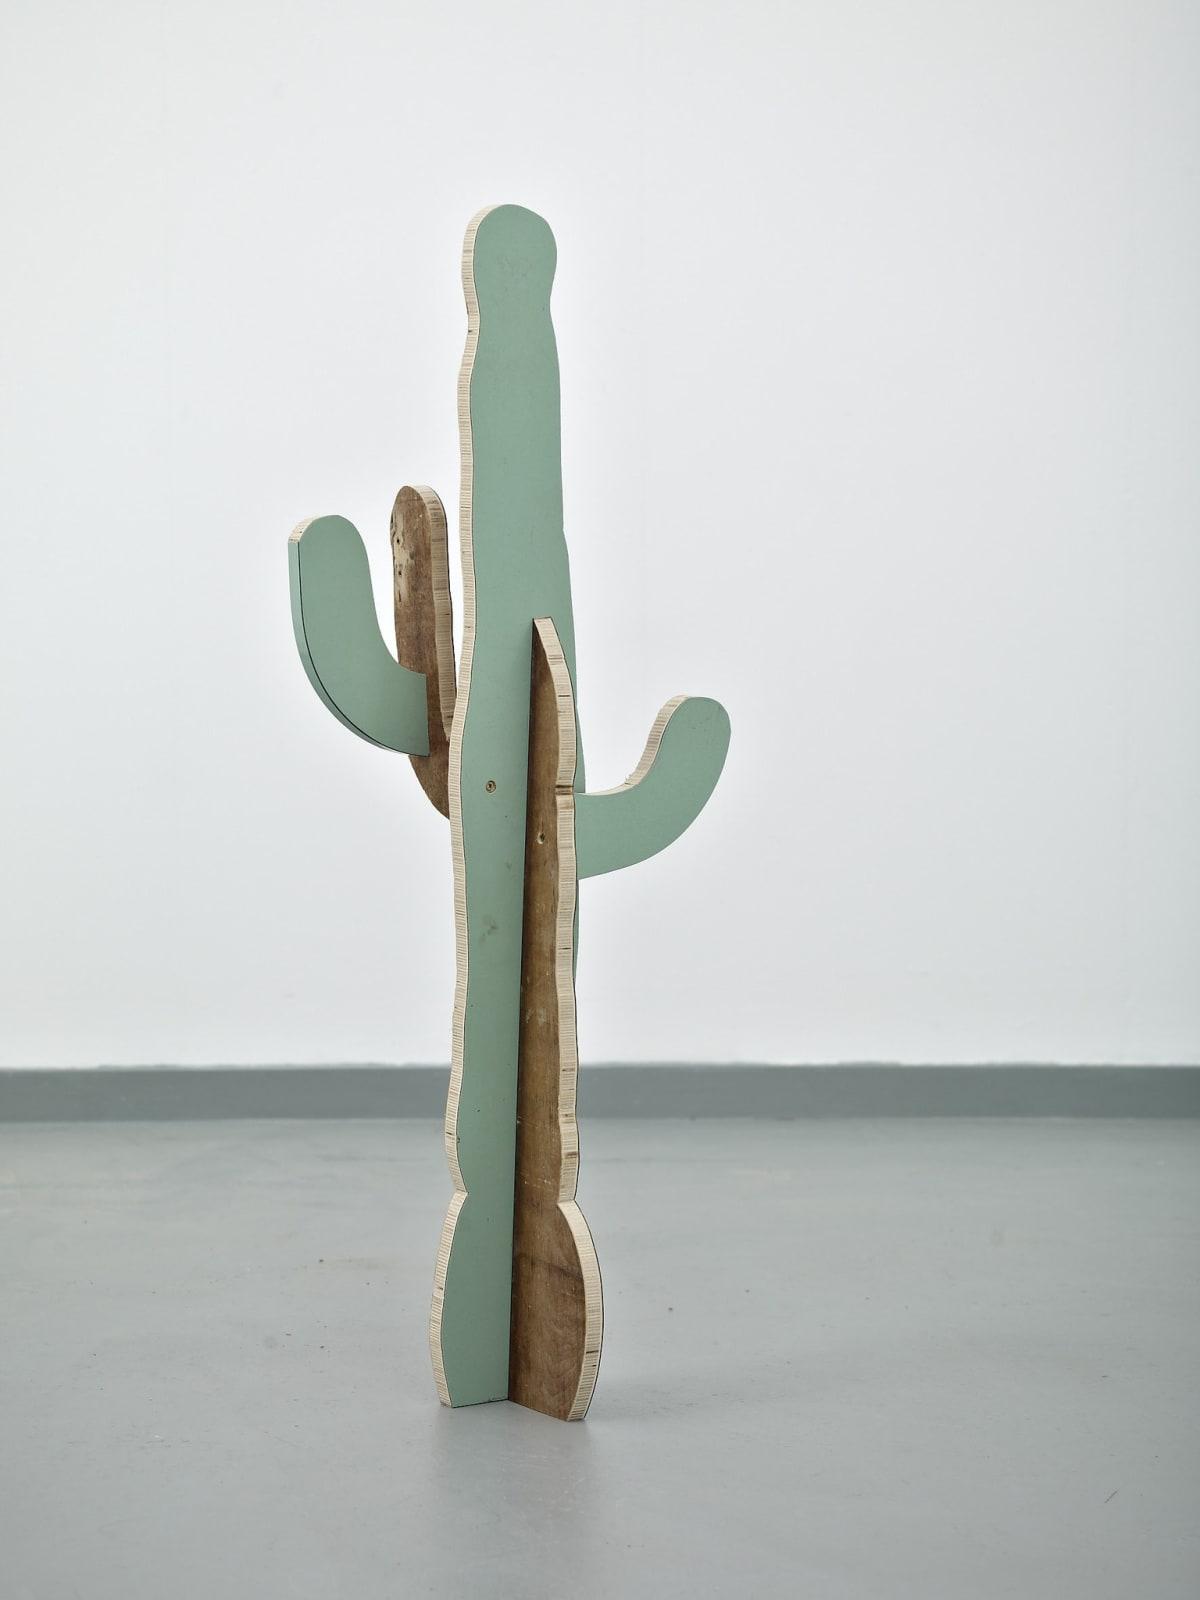 Paul Merrick, Cactus (Saguaro), 2014